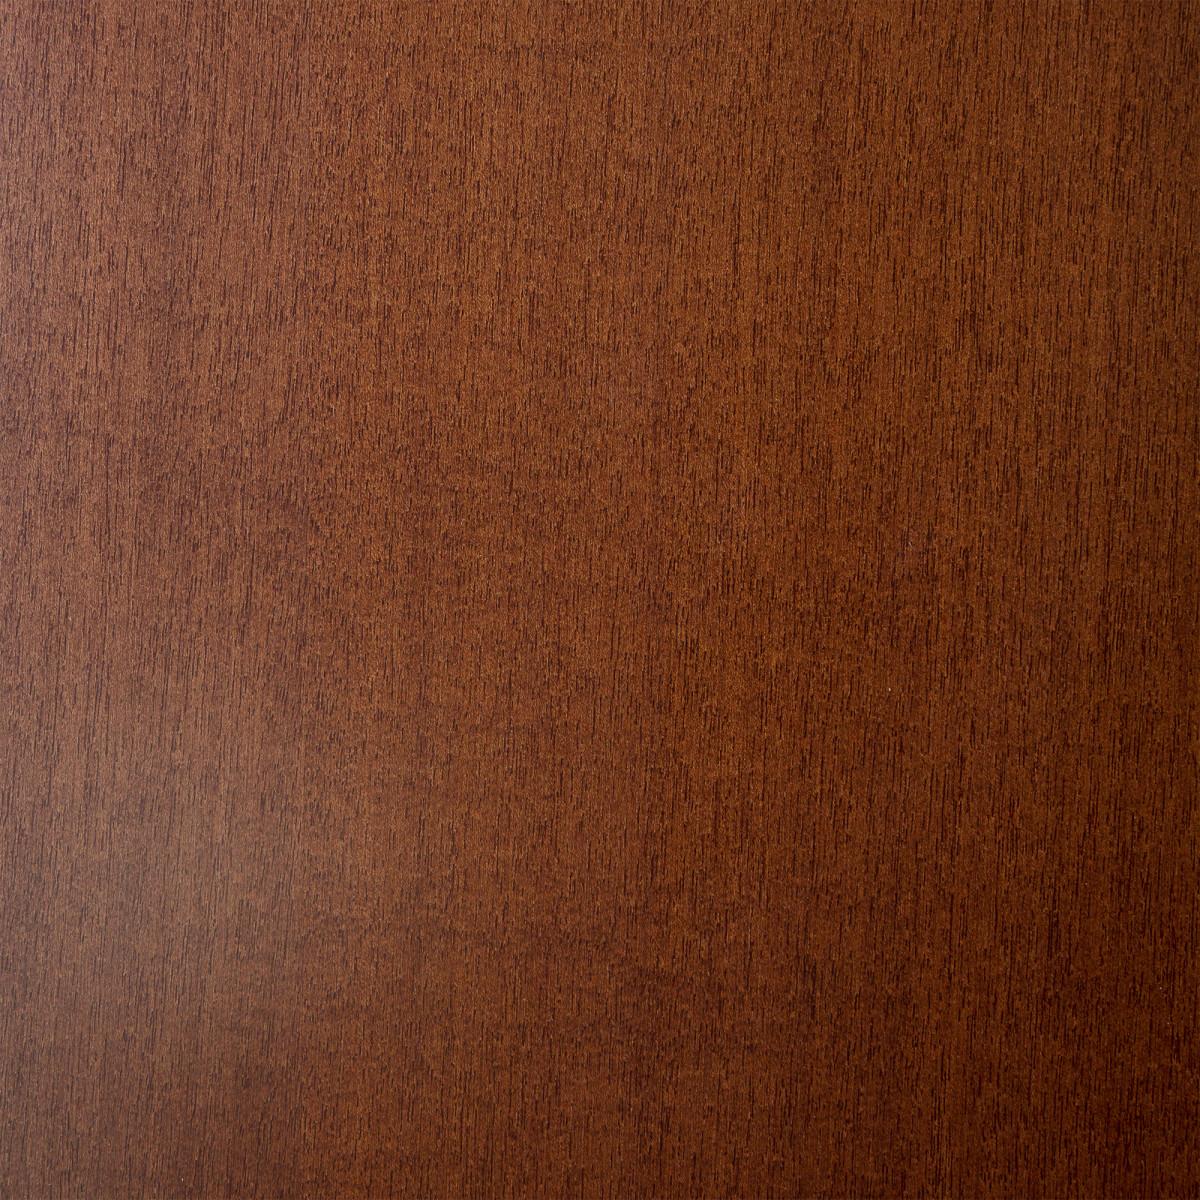 Дверь Межкомнатная Глухая Шпонированное Этерно 60x200 Цвет Итальянский Орех